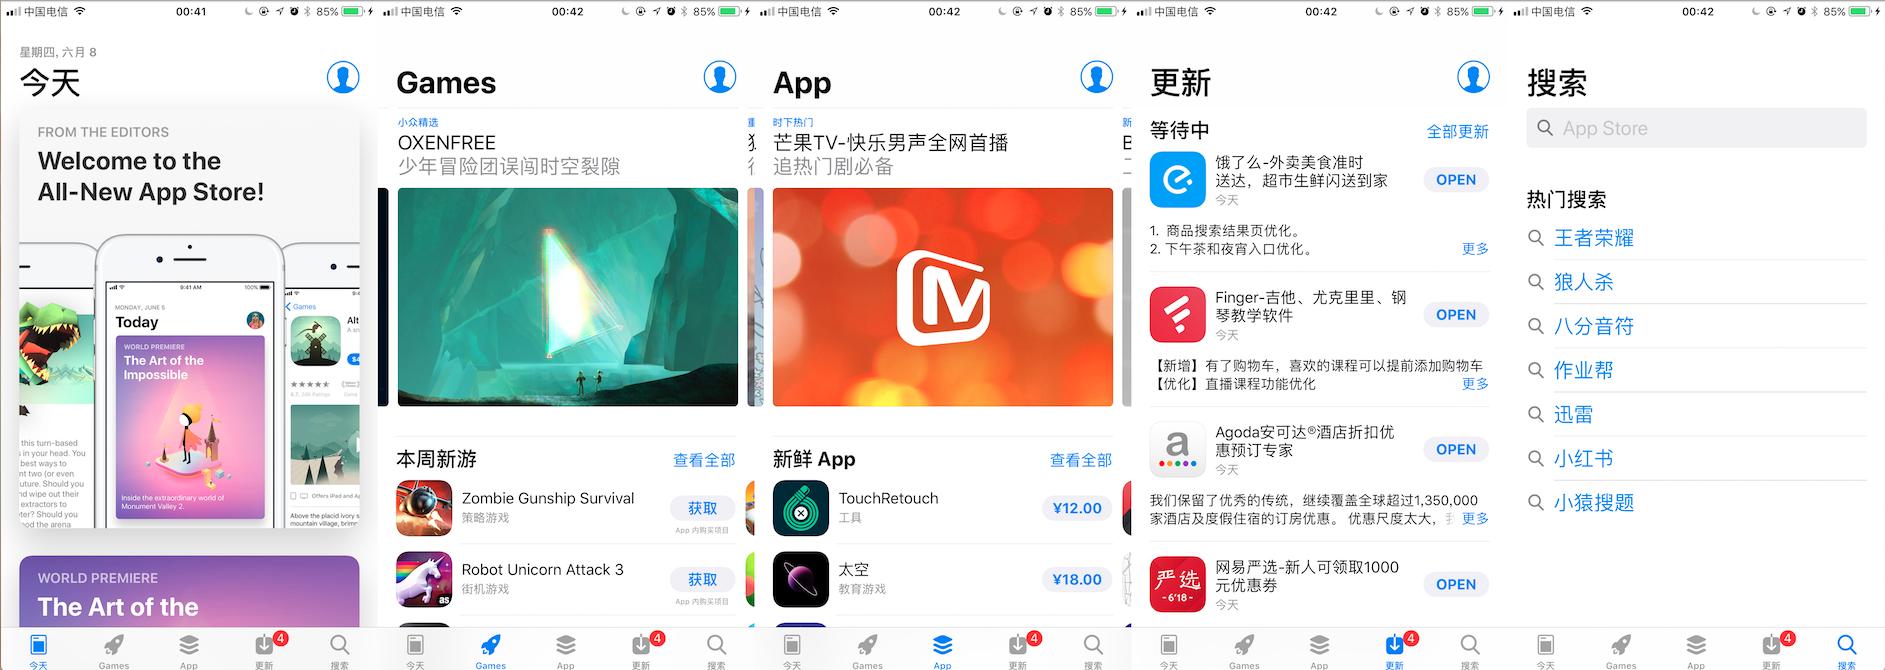 为什么说App Store改了那么多,但没什么用? | 人人都是产品经理